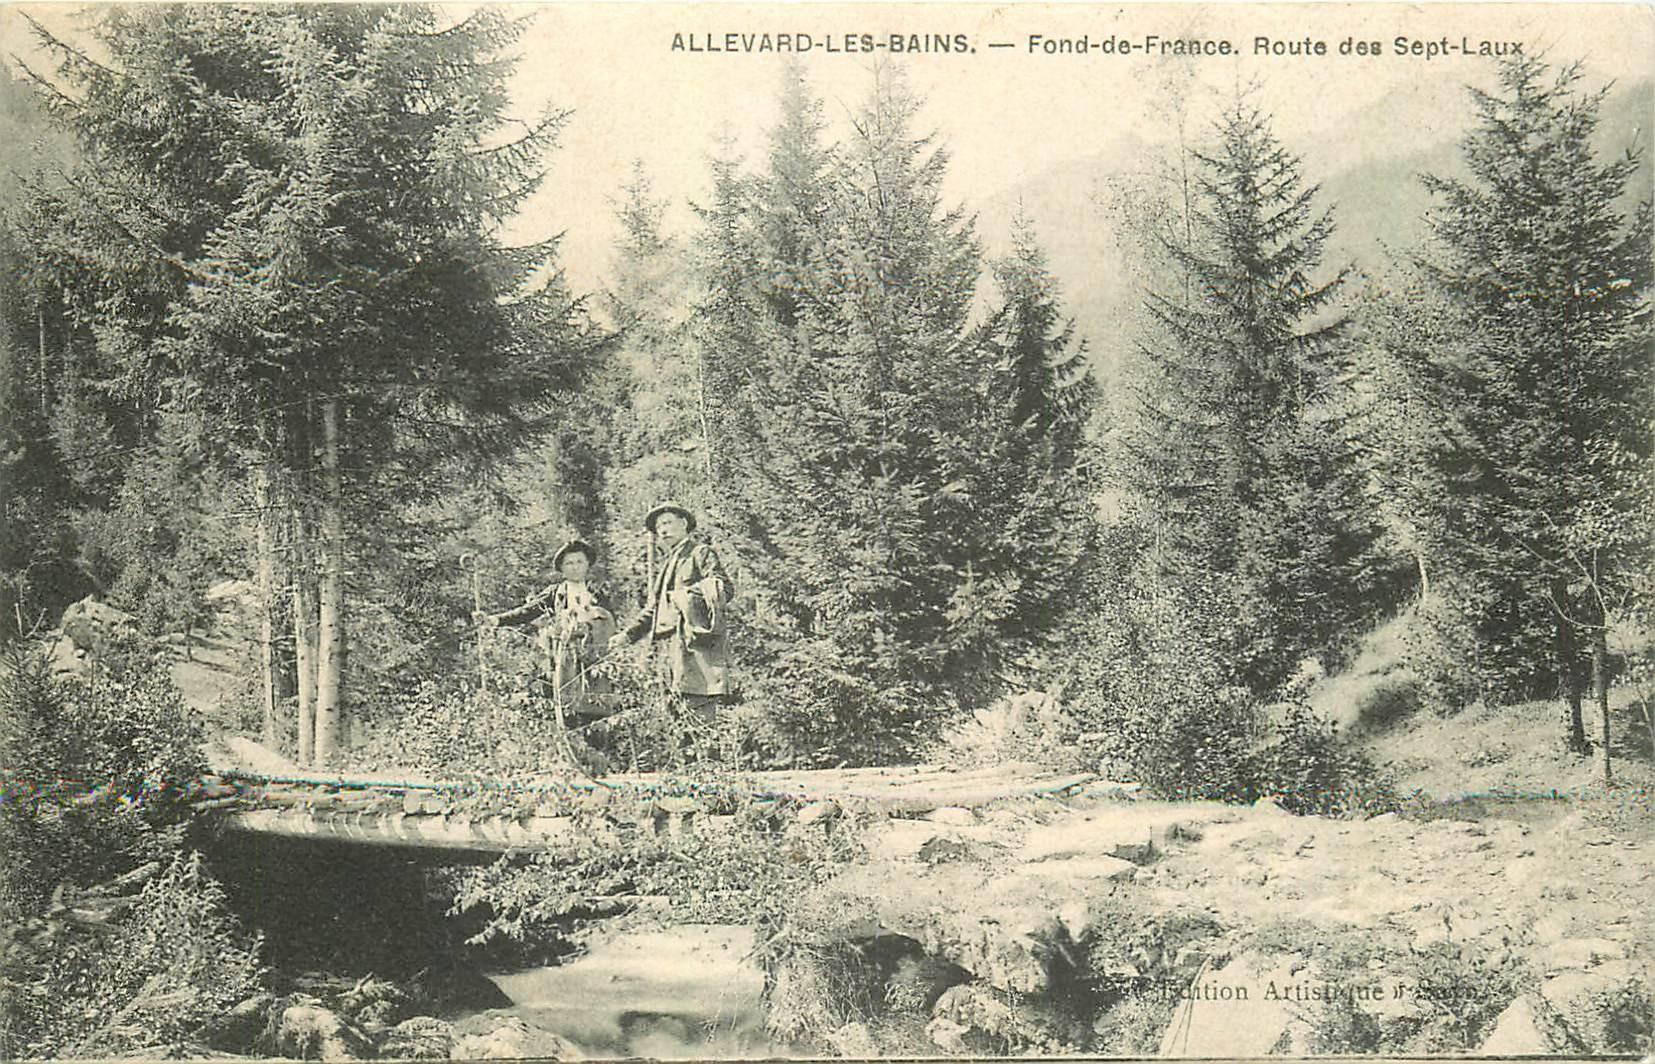 38 ALLEVARD-LES-BAINS. Fond-de-France avec randonneurs route des Sept-Laux 1908